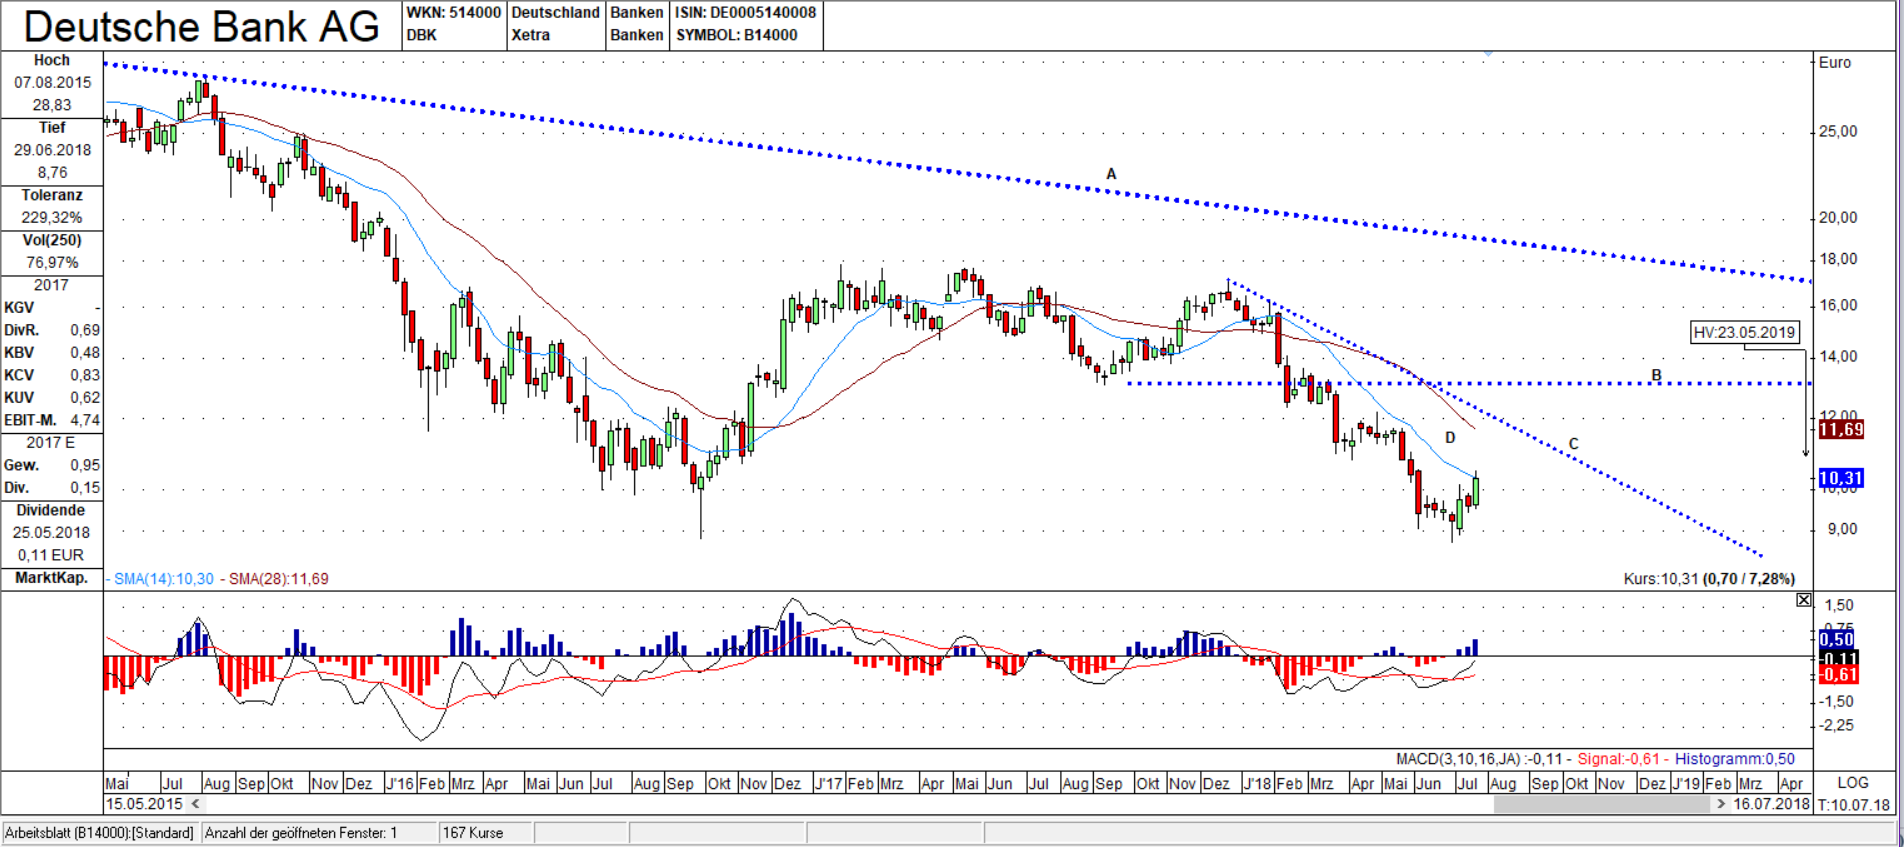 DBK Wochen Chart: Value Zone D und Trendlinie C als große Hürden im Chart